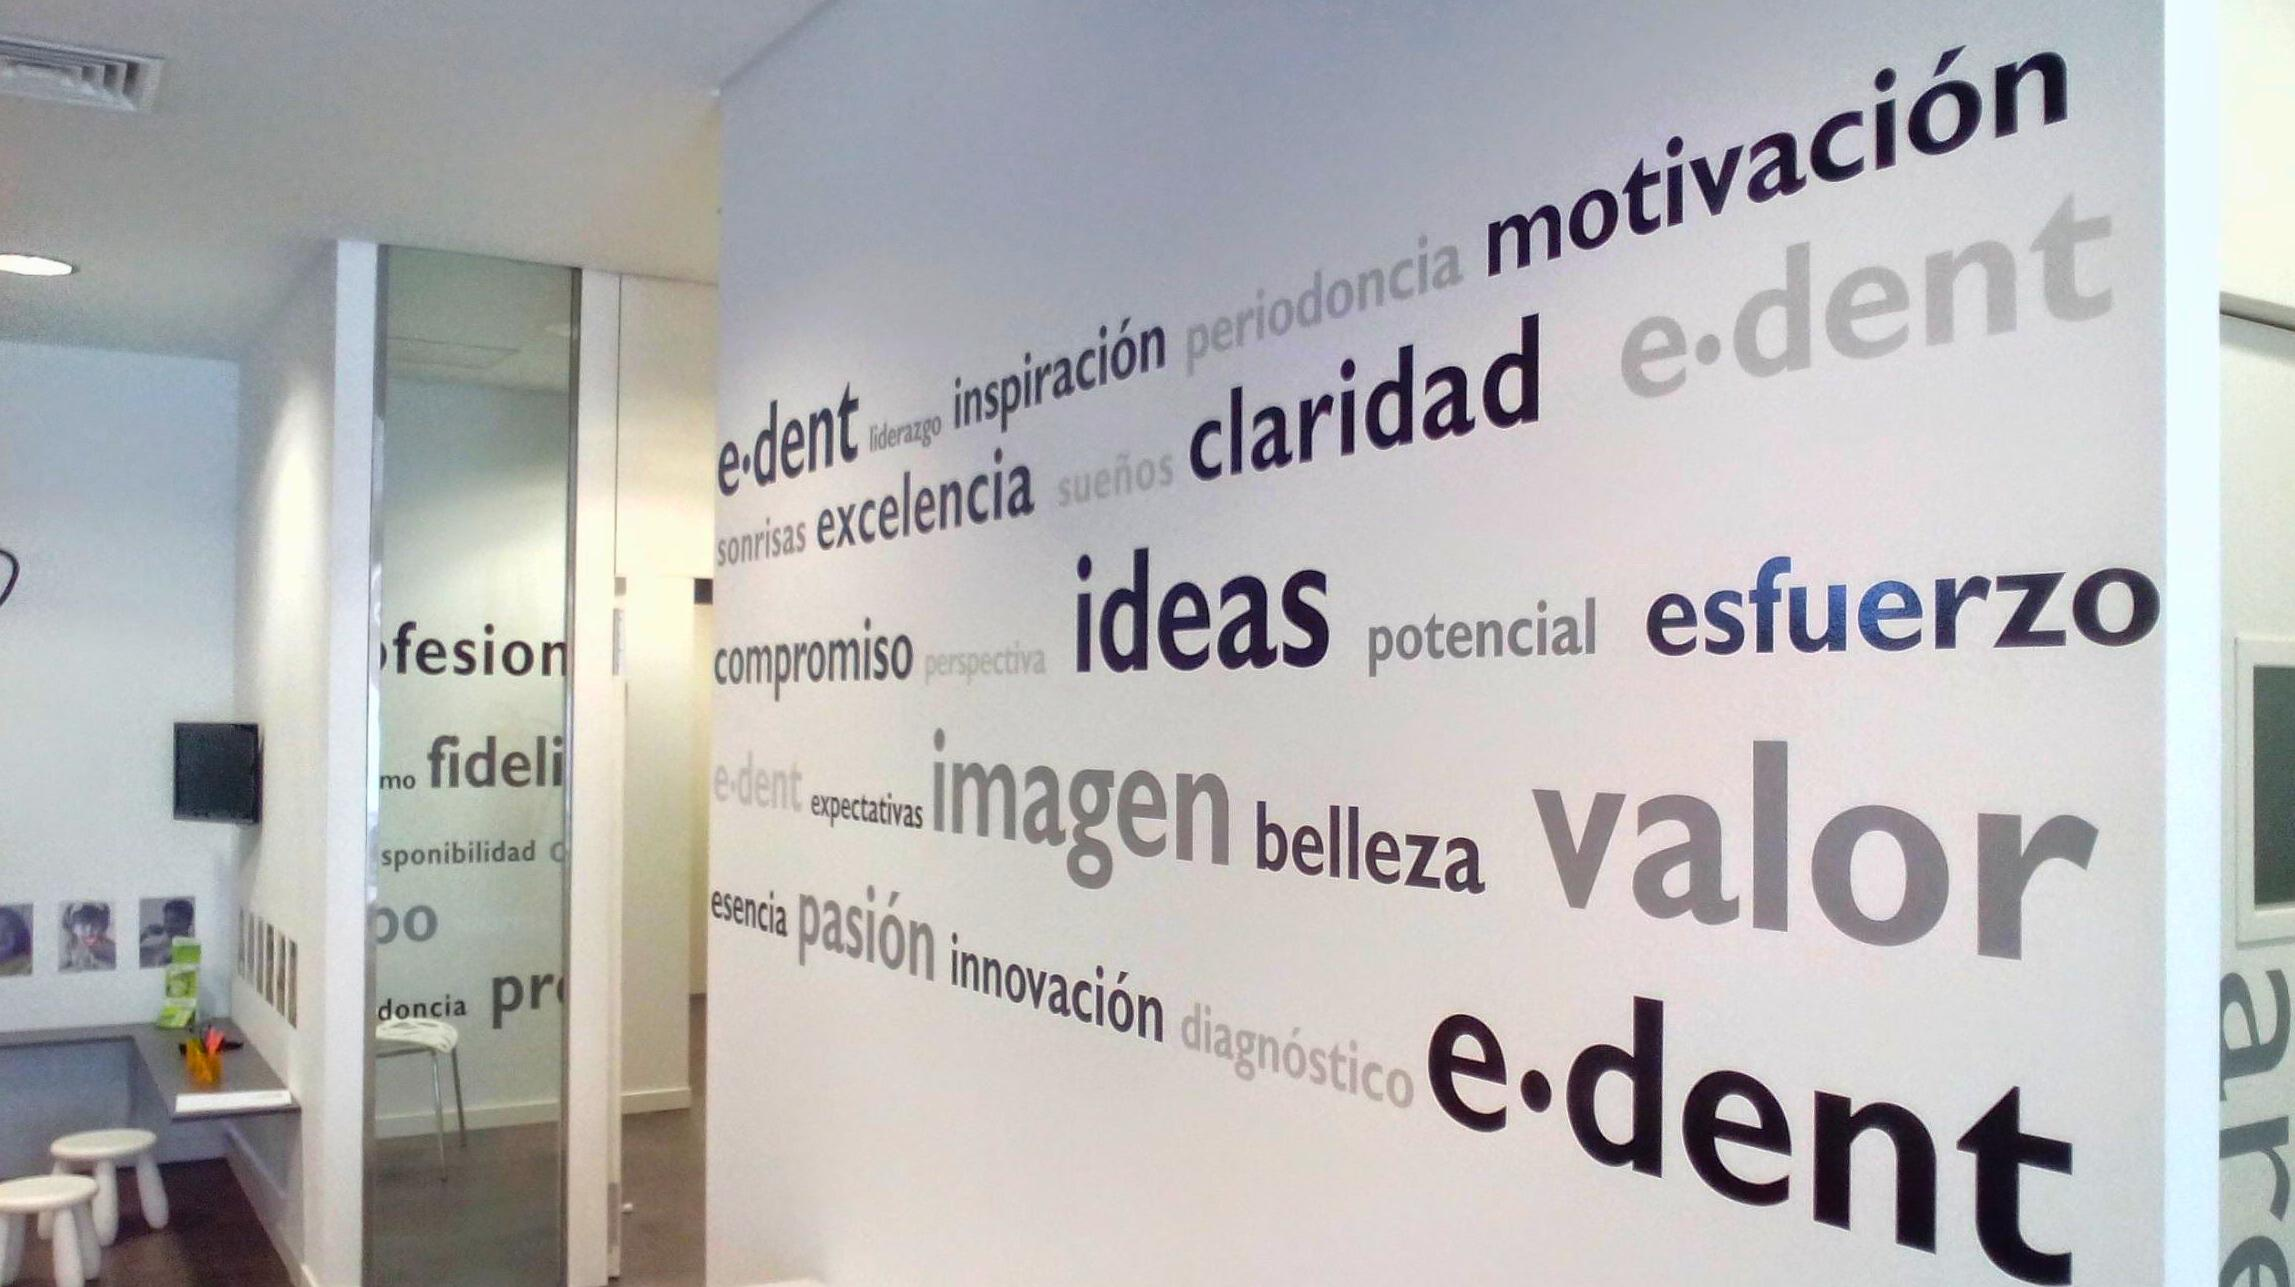 Inspiración, motivación, ideas, esfuerzo, imagen, pasión, valor ..... e.dent